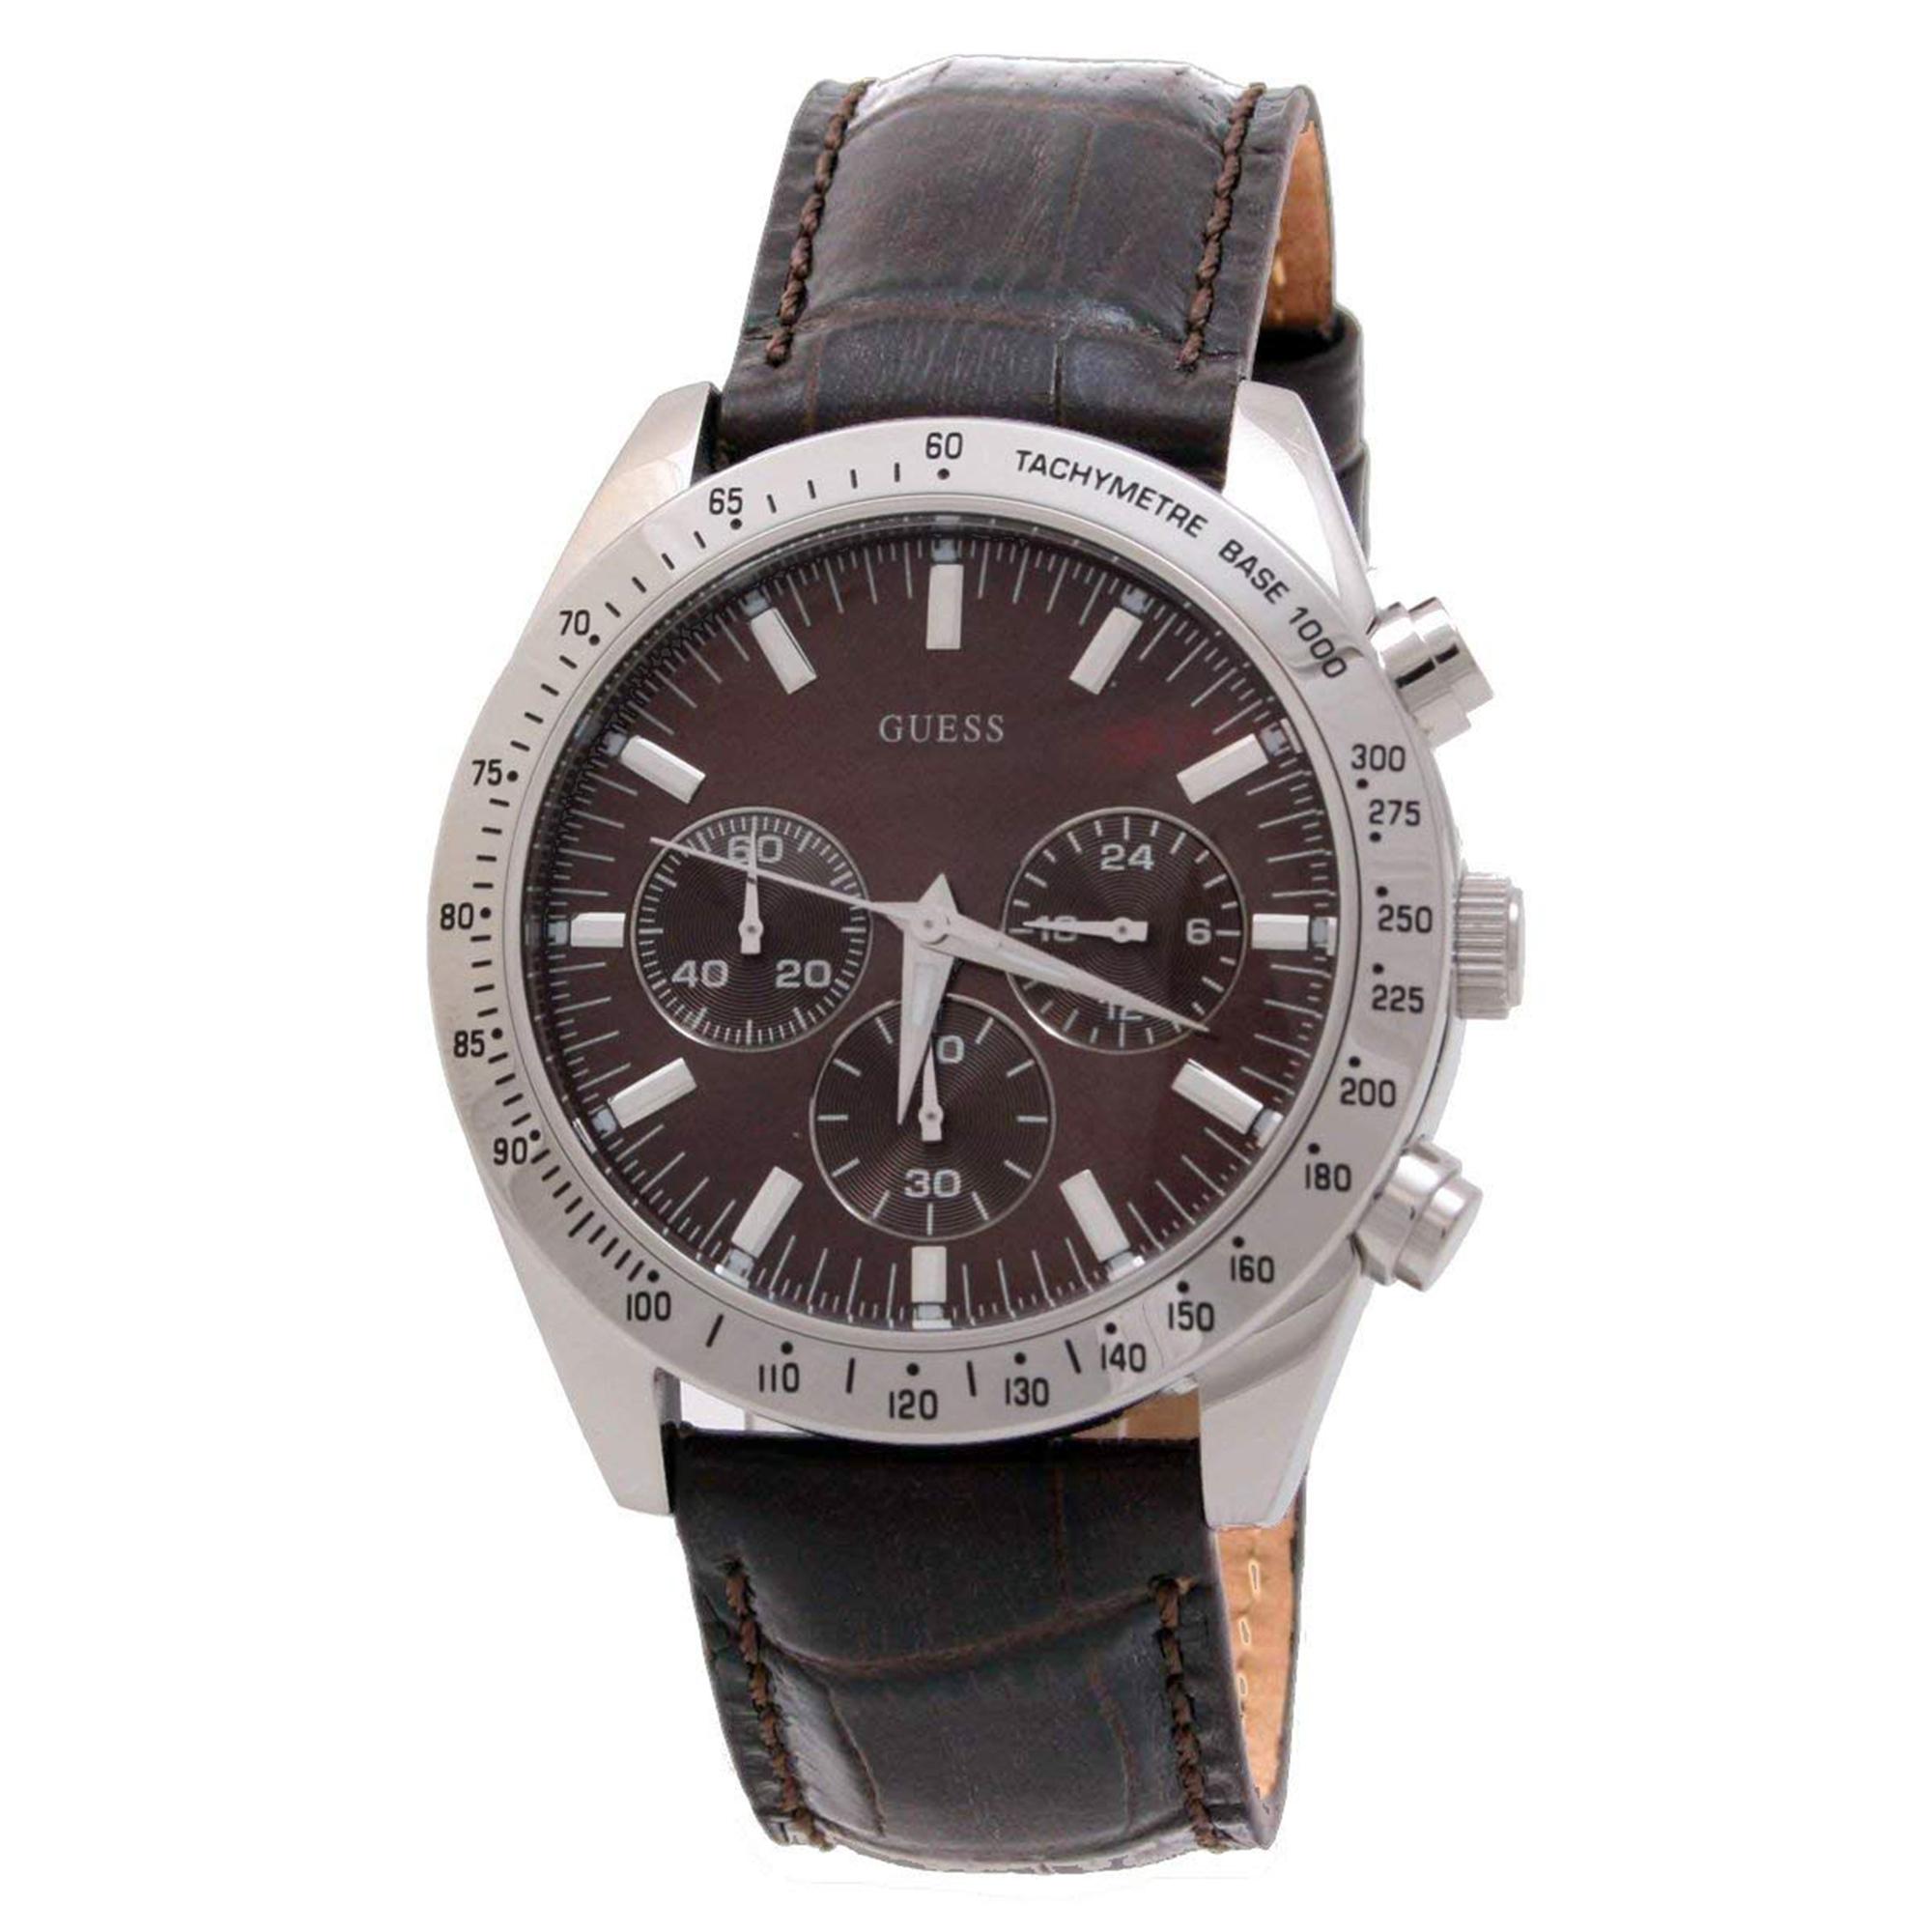 ساعت مچی عقربه ای مردانه گس مدل W12004G2 52